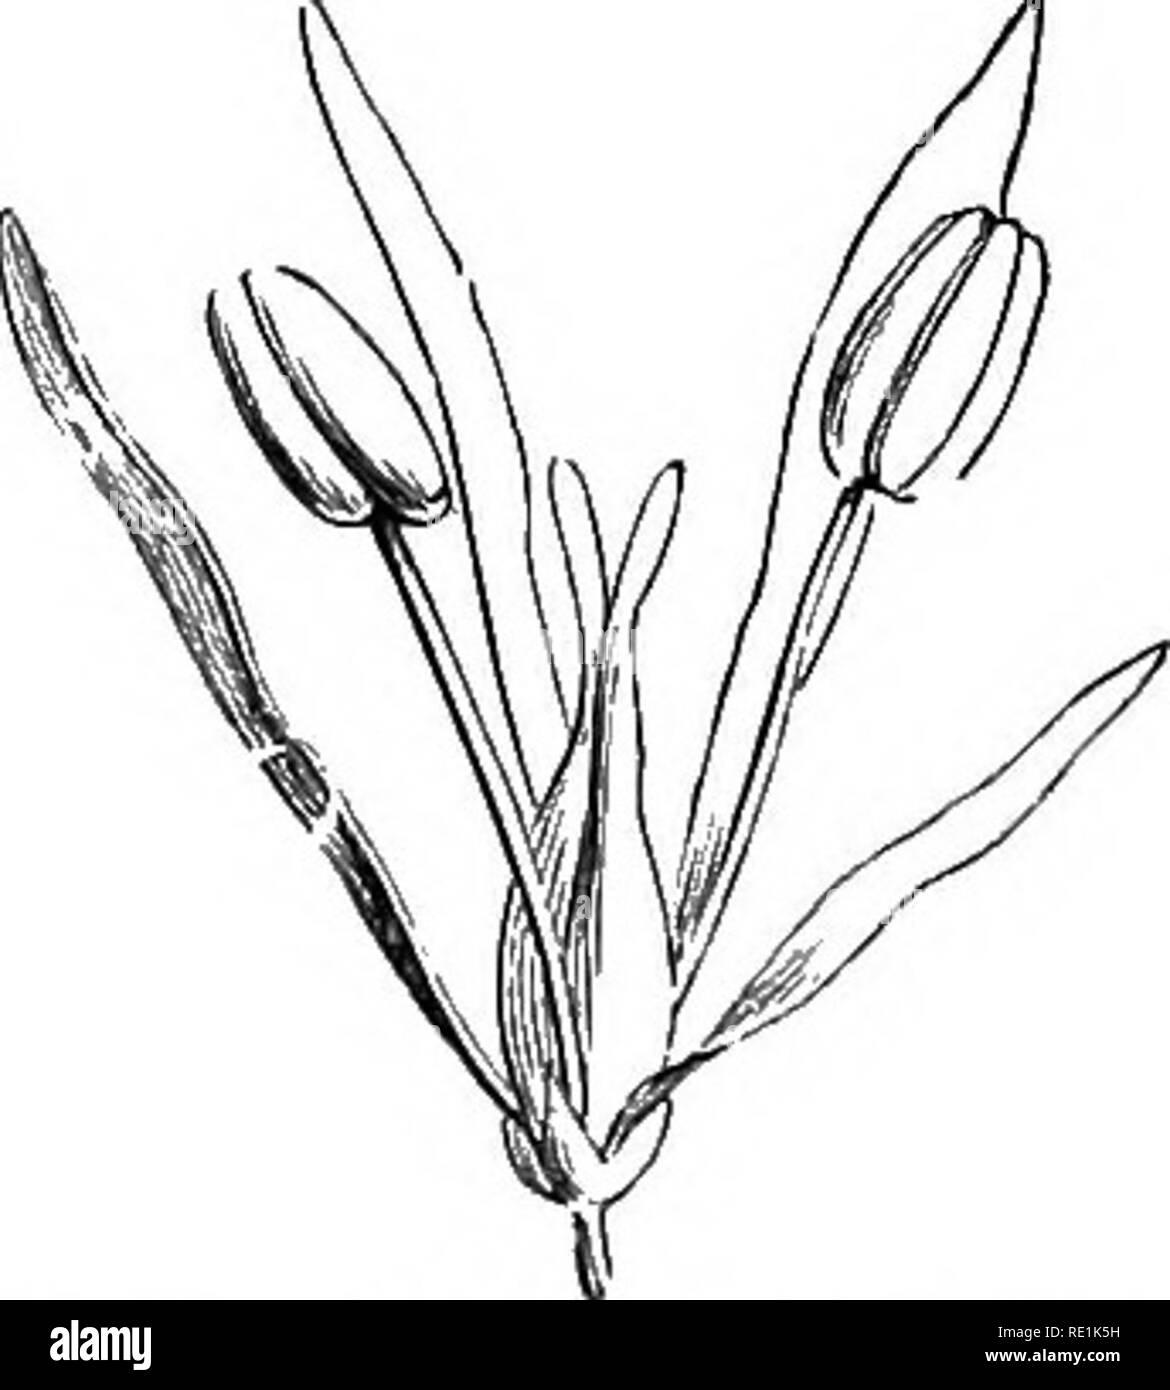 . Un manuel de botanique. La botanique. Ay. 1148. Diagramme de la fleur de lilas le tuihjai^j firinga j'^). Fuj. 1149. Fleur de la Manna Ash iFiv.ciiuis Ornii.j), avec 4 fentes calice; corolle à 4 pétales distincts; 2 étamines: et 2 carpelles. Fici. 1150. La section verticale du calice et pistil du troène (^Ligii&lrinn vi/fgnn'). Floivers habituellement parfait, ou rarement unisexuées. Calice persistant, 4-8-opage de gauche, parfois obsolètes, inférieur. Régulière de la corolle, 4-8- une fente, ou de 4 pétales distincts, ou absente; valvaires csstivation ou imbriqué. Étamines généralement 2, rarement 4. Ovaire supérieur, 2- loculaire, avec 1-4 e Banque D'Images